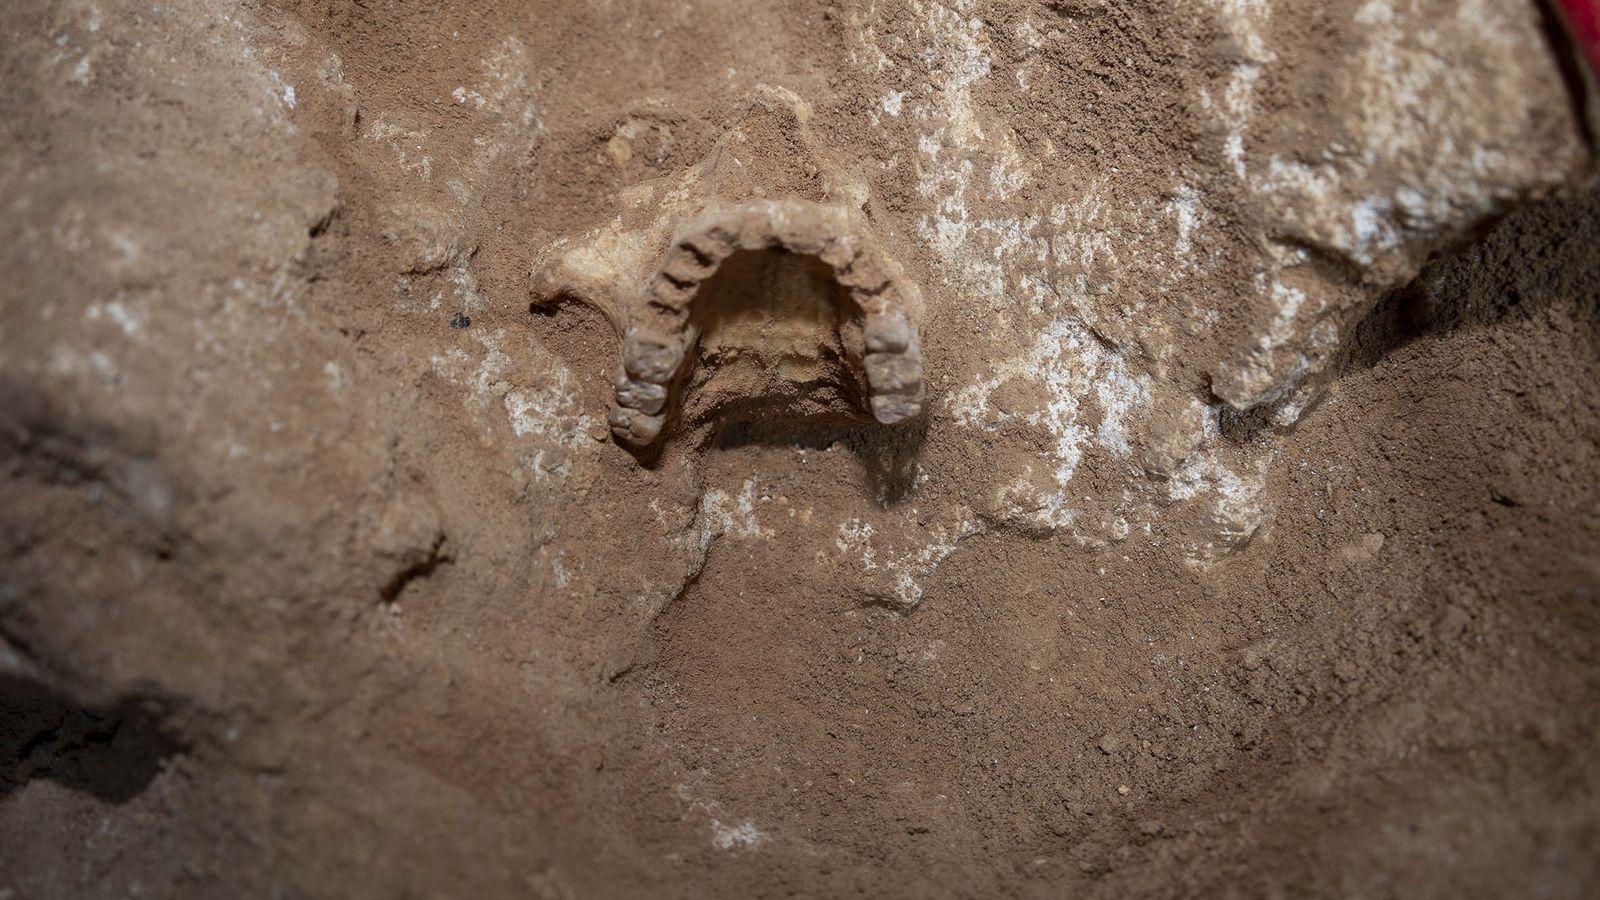 Genoma humano mas antiguo Islas Baleares